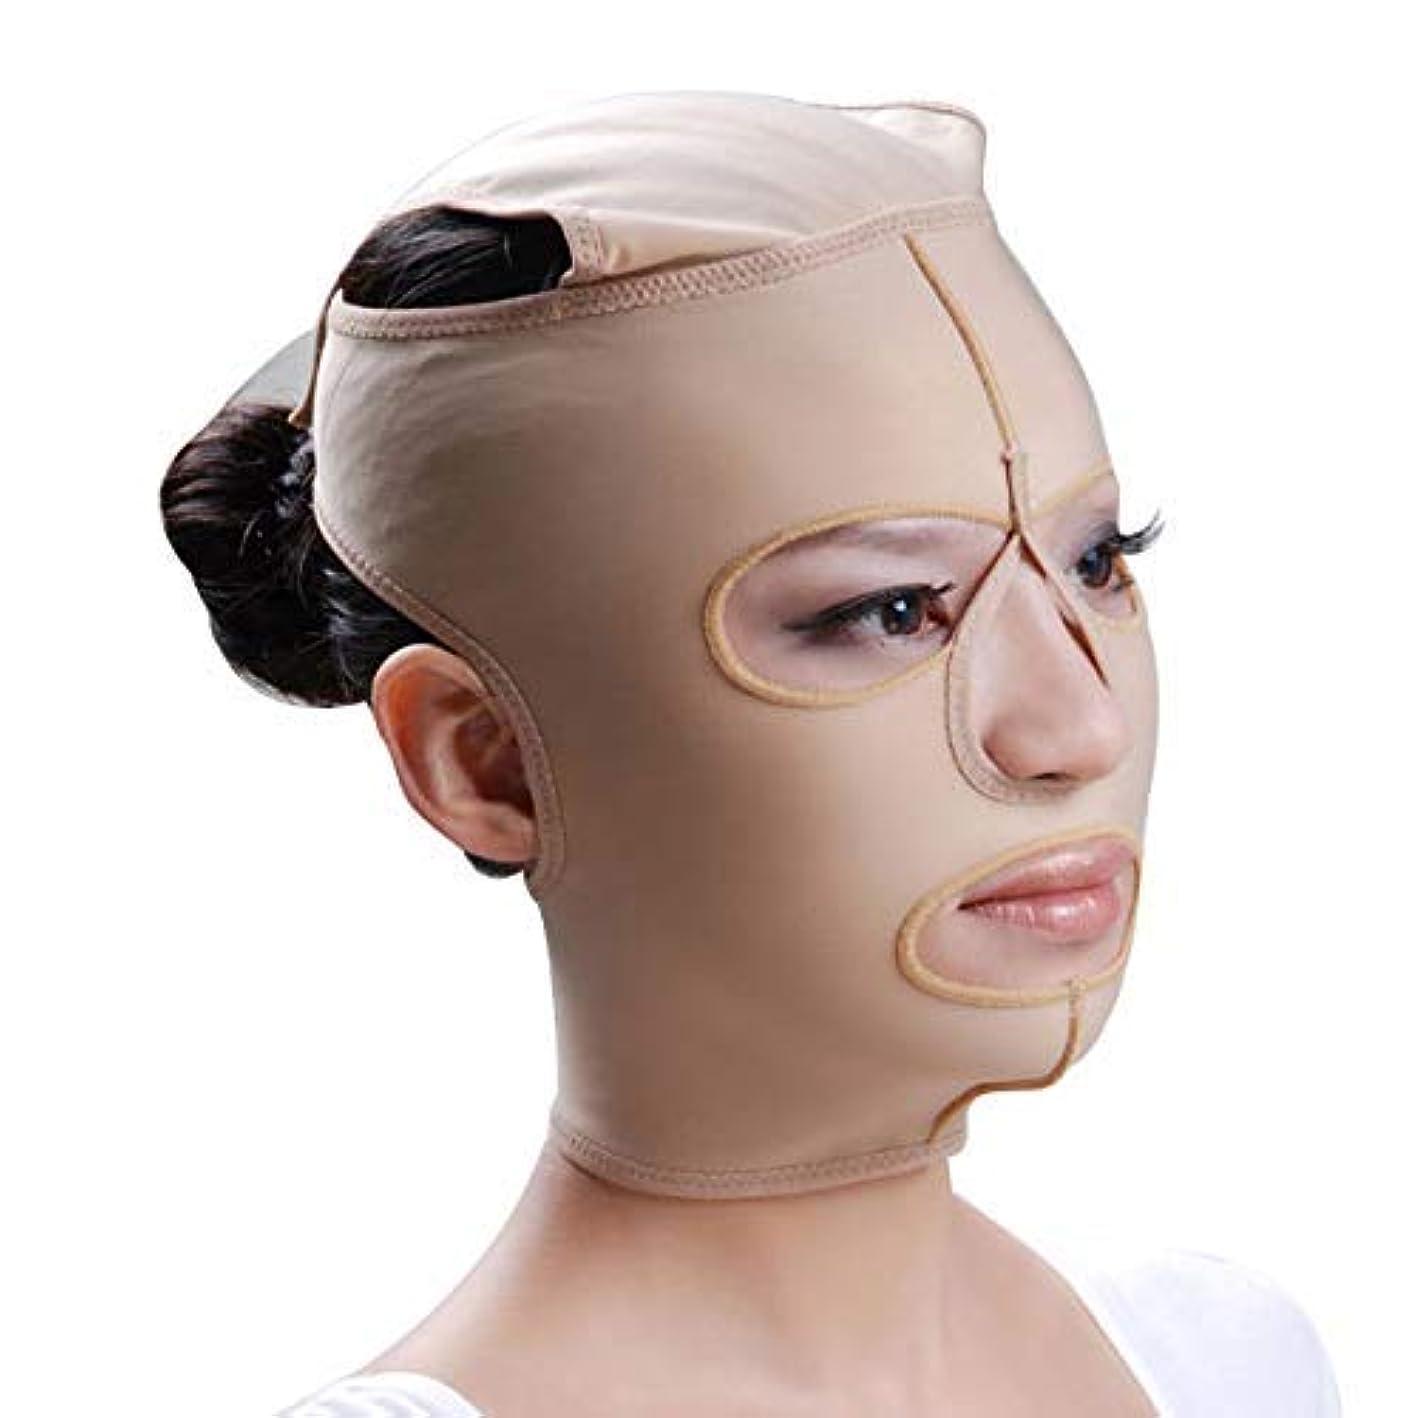 模倣不和特派員ファーミングフェイスマスク、フェイシャルマスクエラスティックフェイスリフティングリフティングファーミングパターンマイクロフィニッシングポストモデリングコンプレッションフェイスマスク(サイズ:S),M